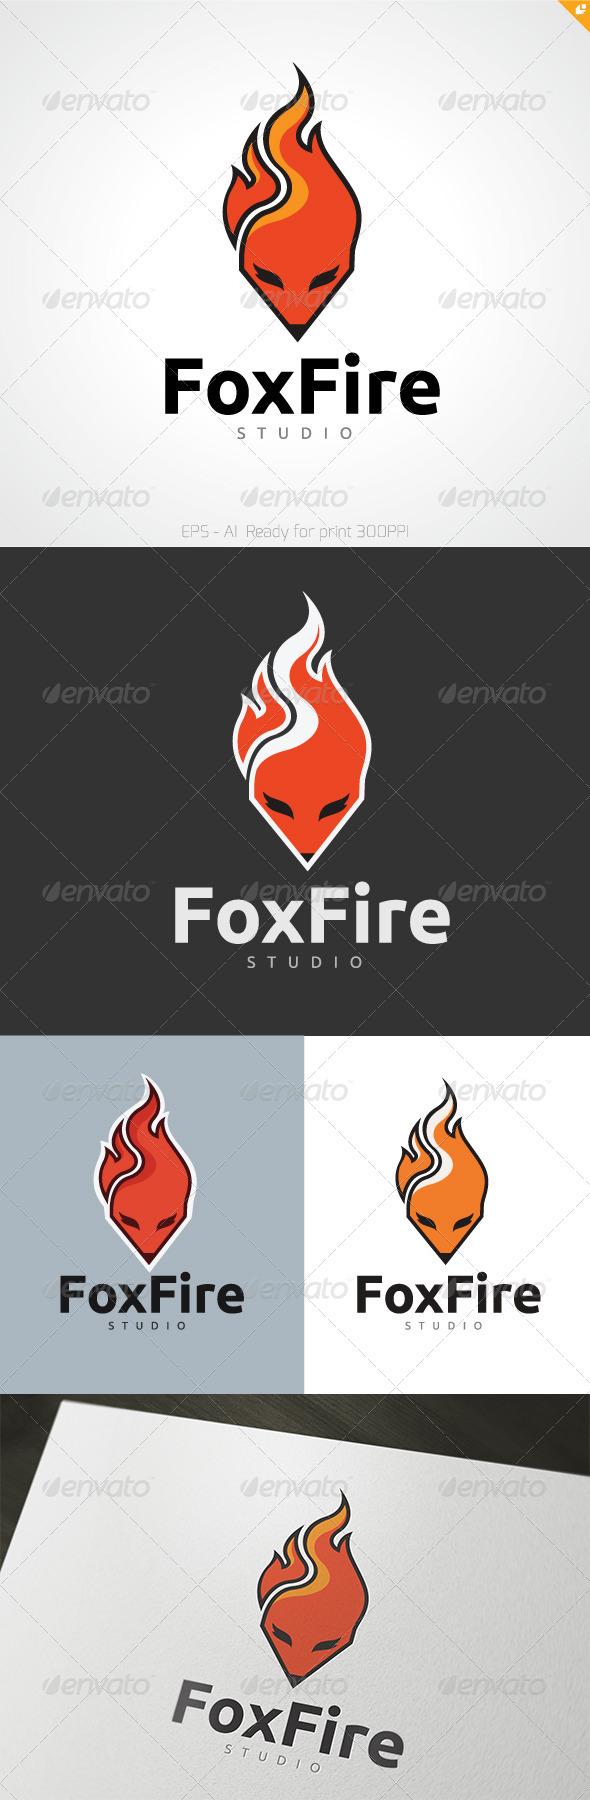 GraphicRiver Foxfire Logo 3557184